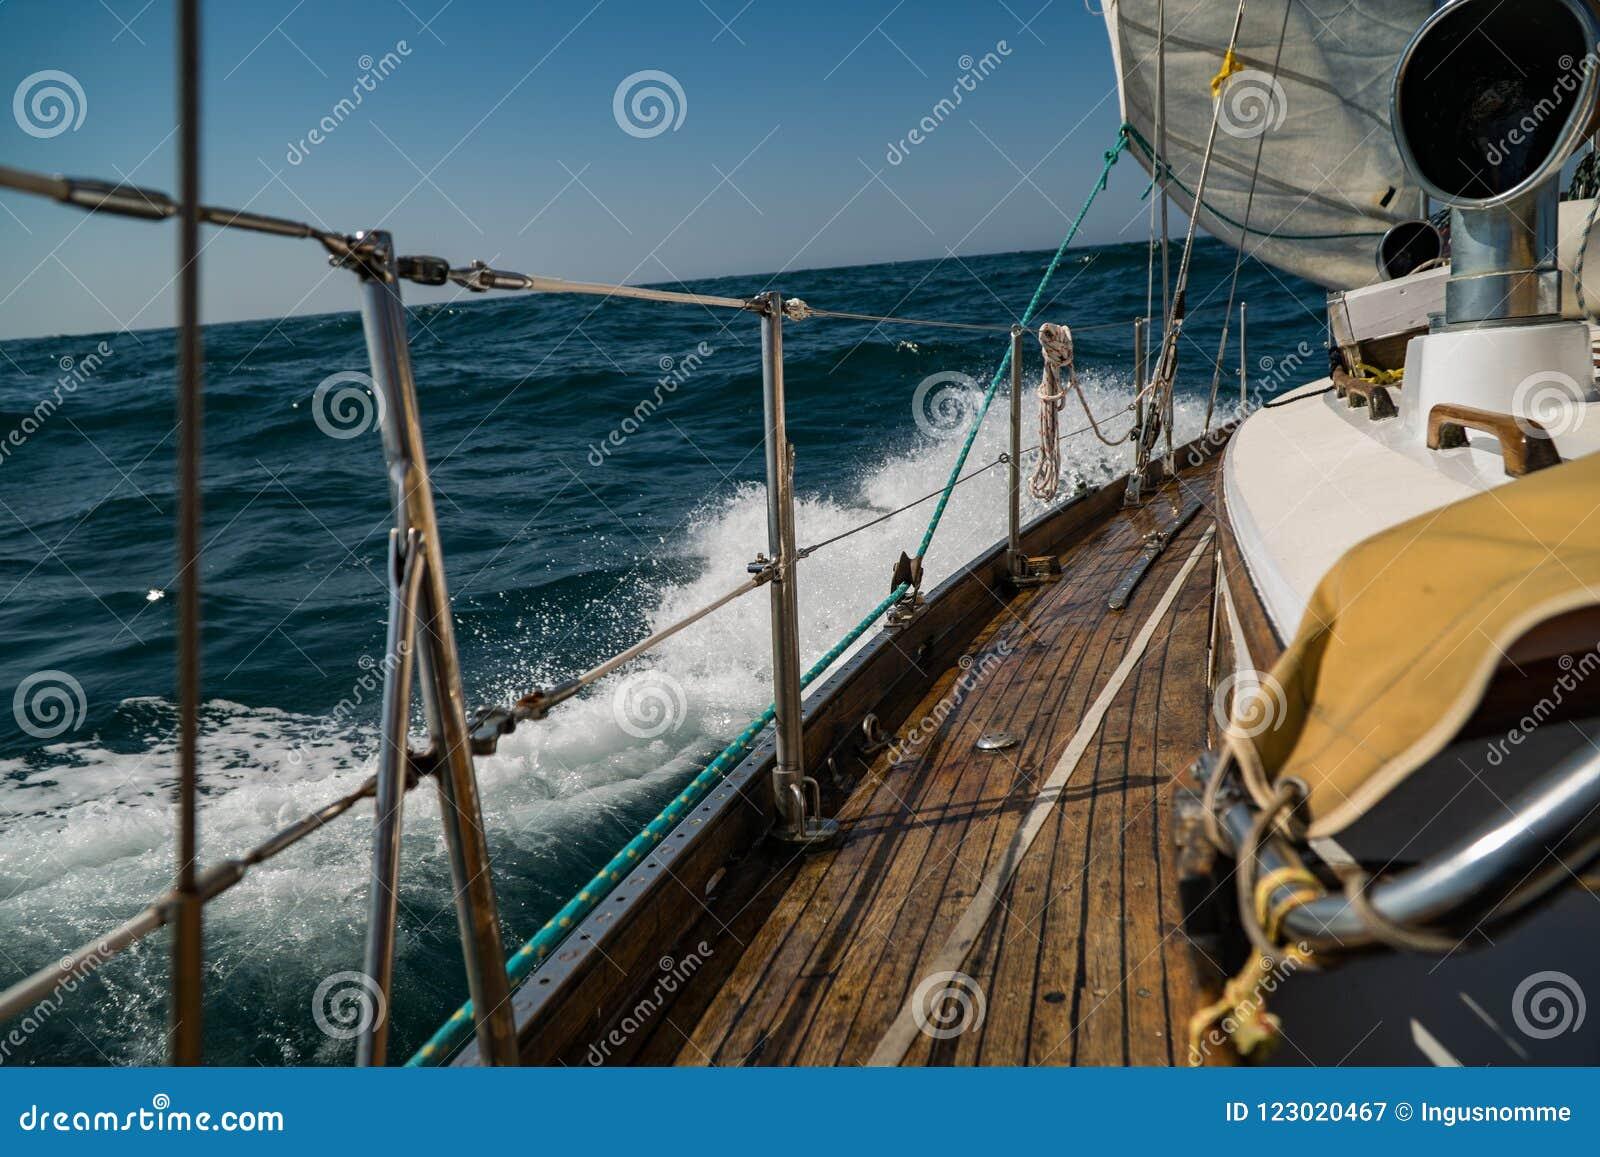 Navigation plaisance Mode de vie de luxe Et dangereux